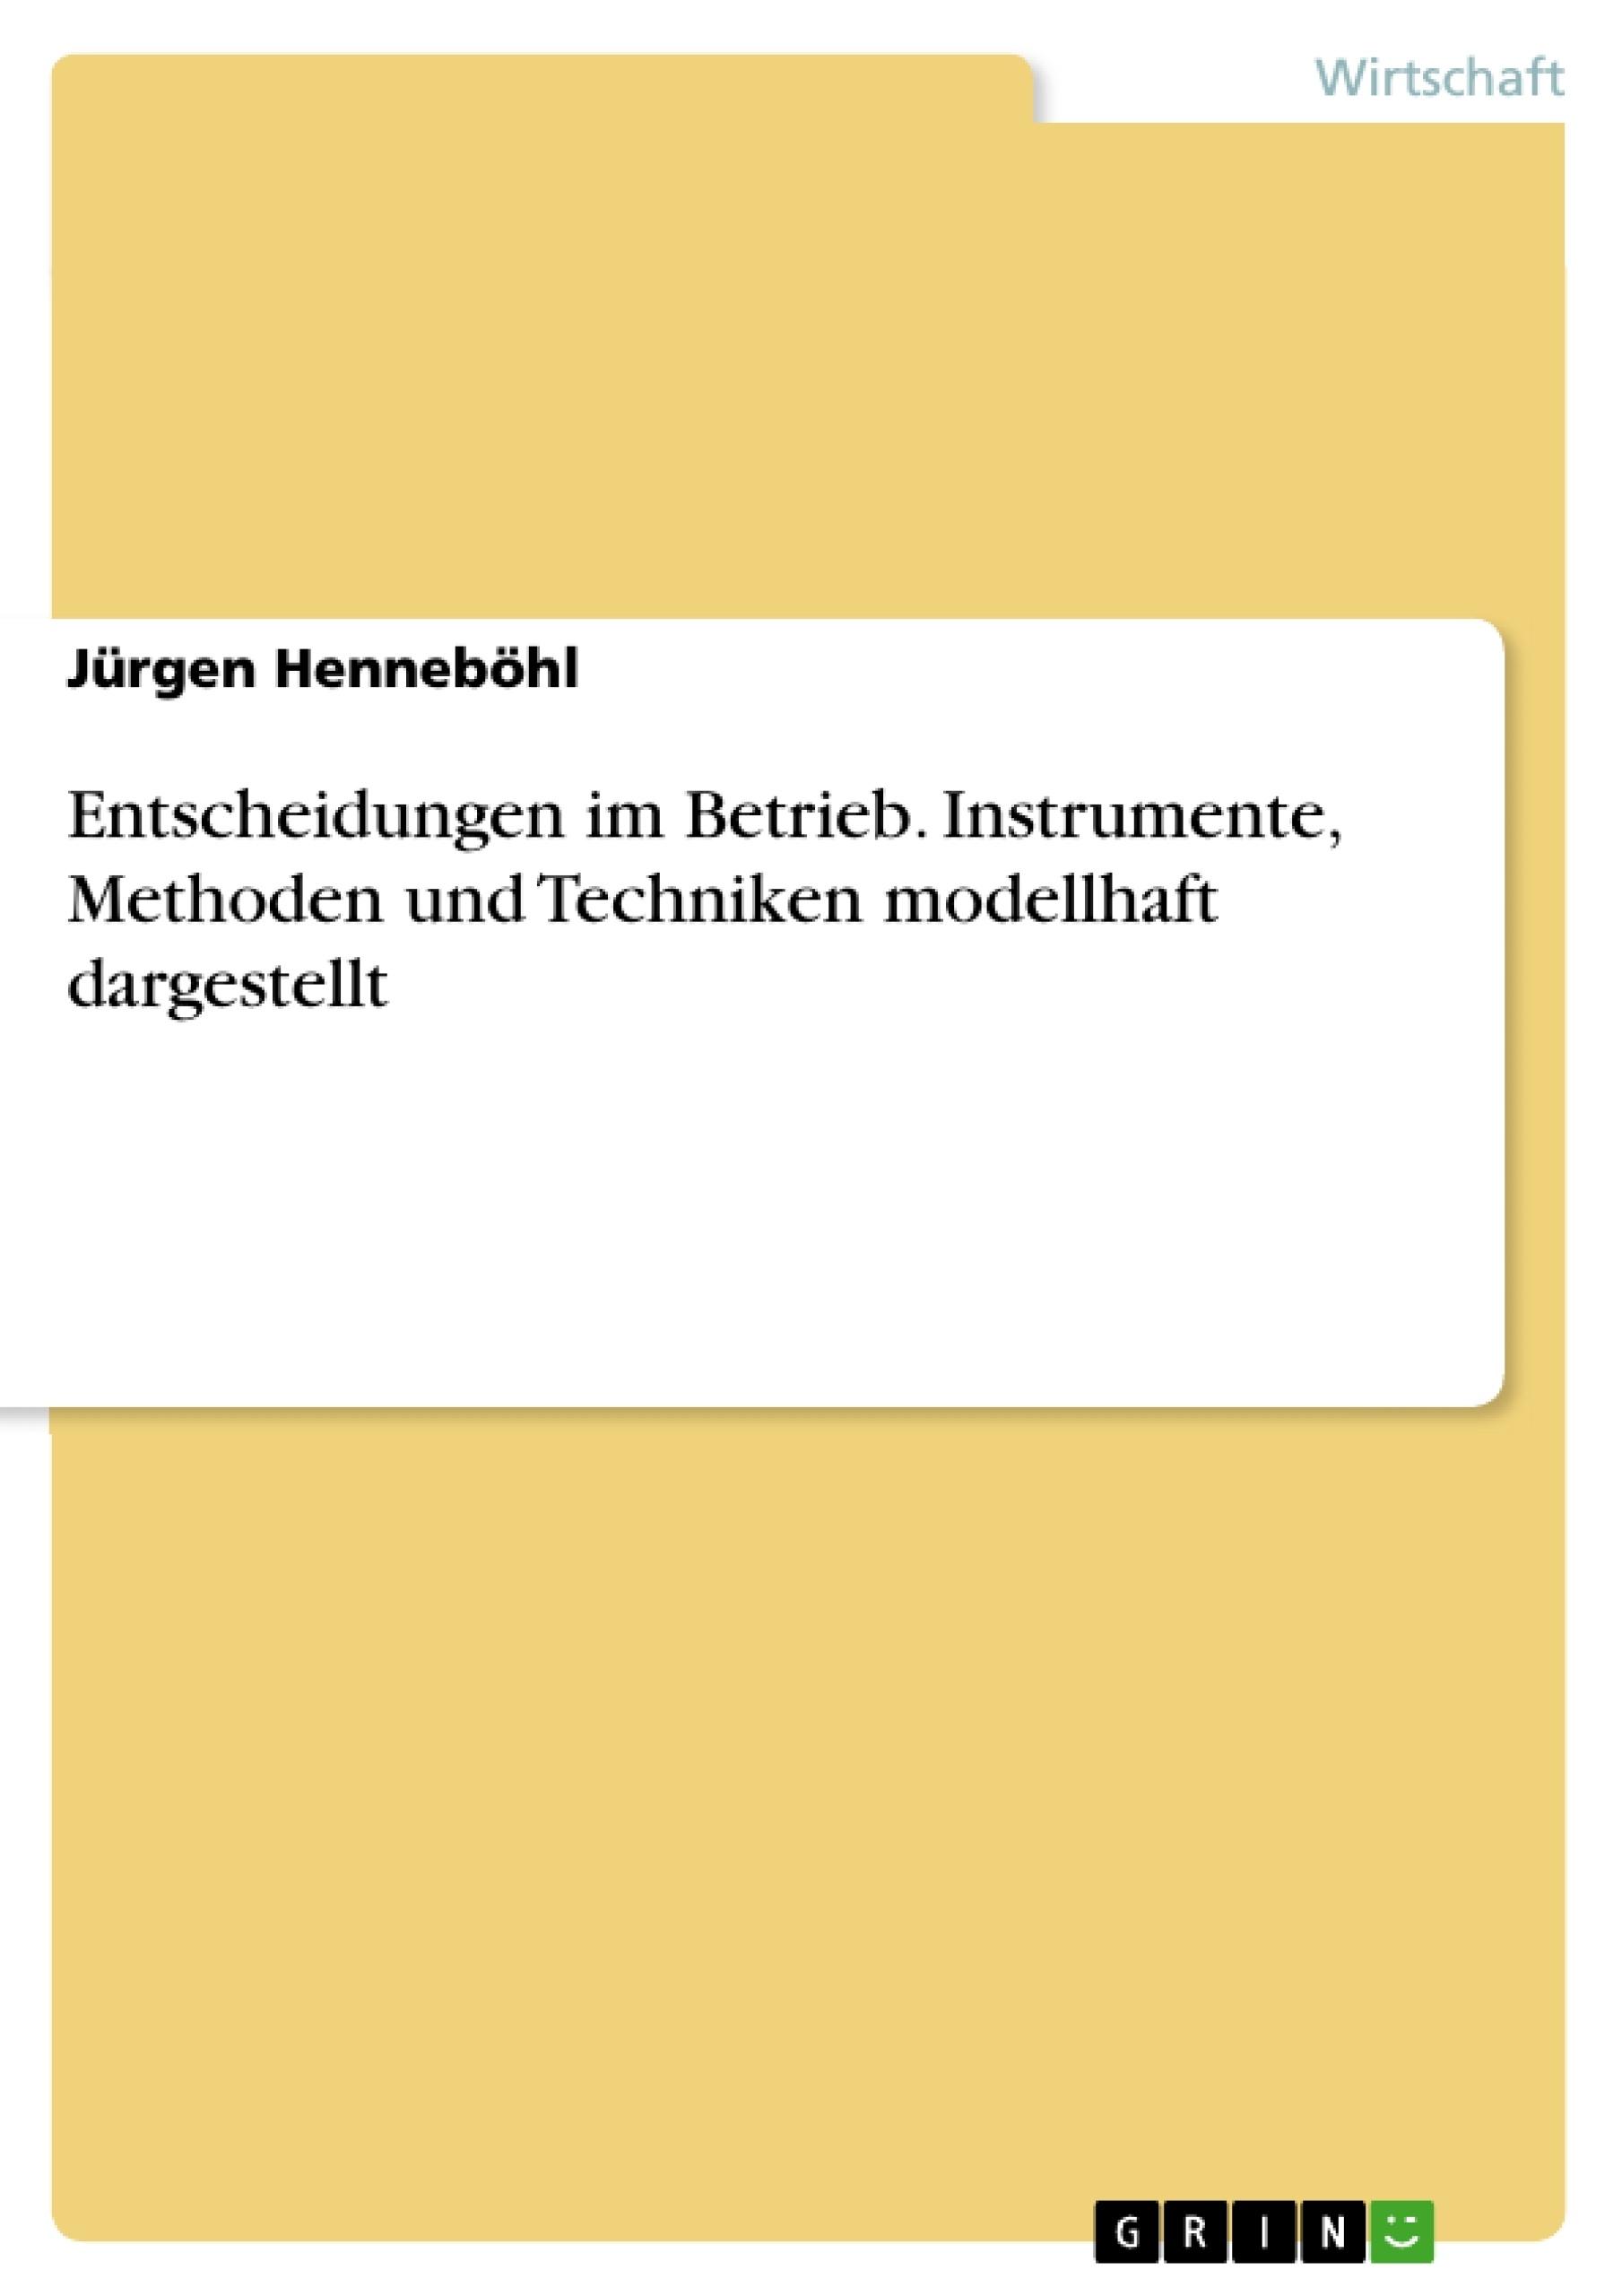 Titel: Entscheidungen im Betrieb. Instrumente, Methoden und Techniken modellhaft dargestellt